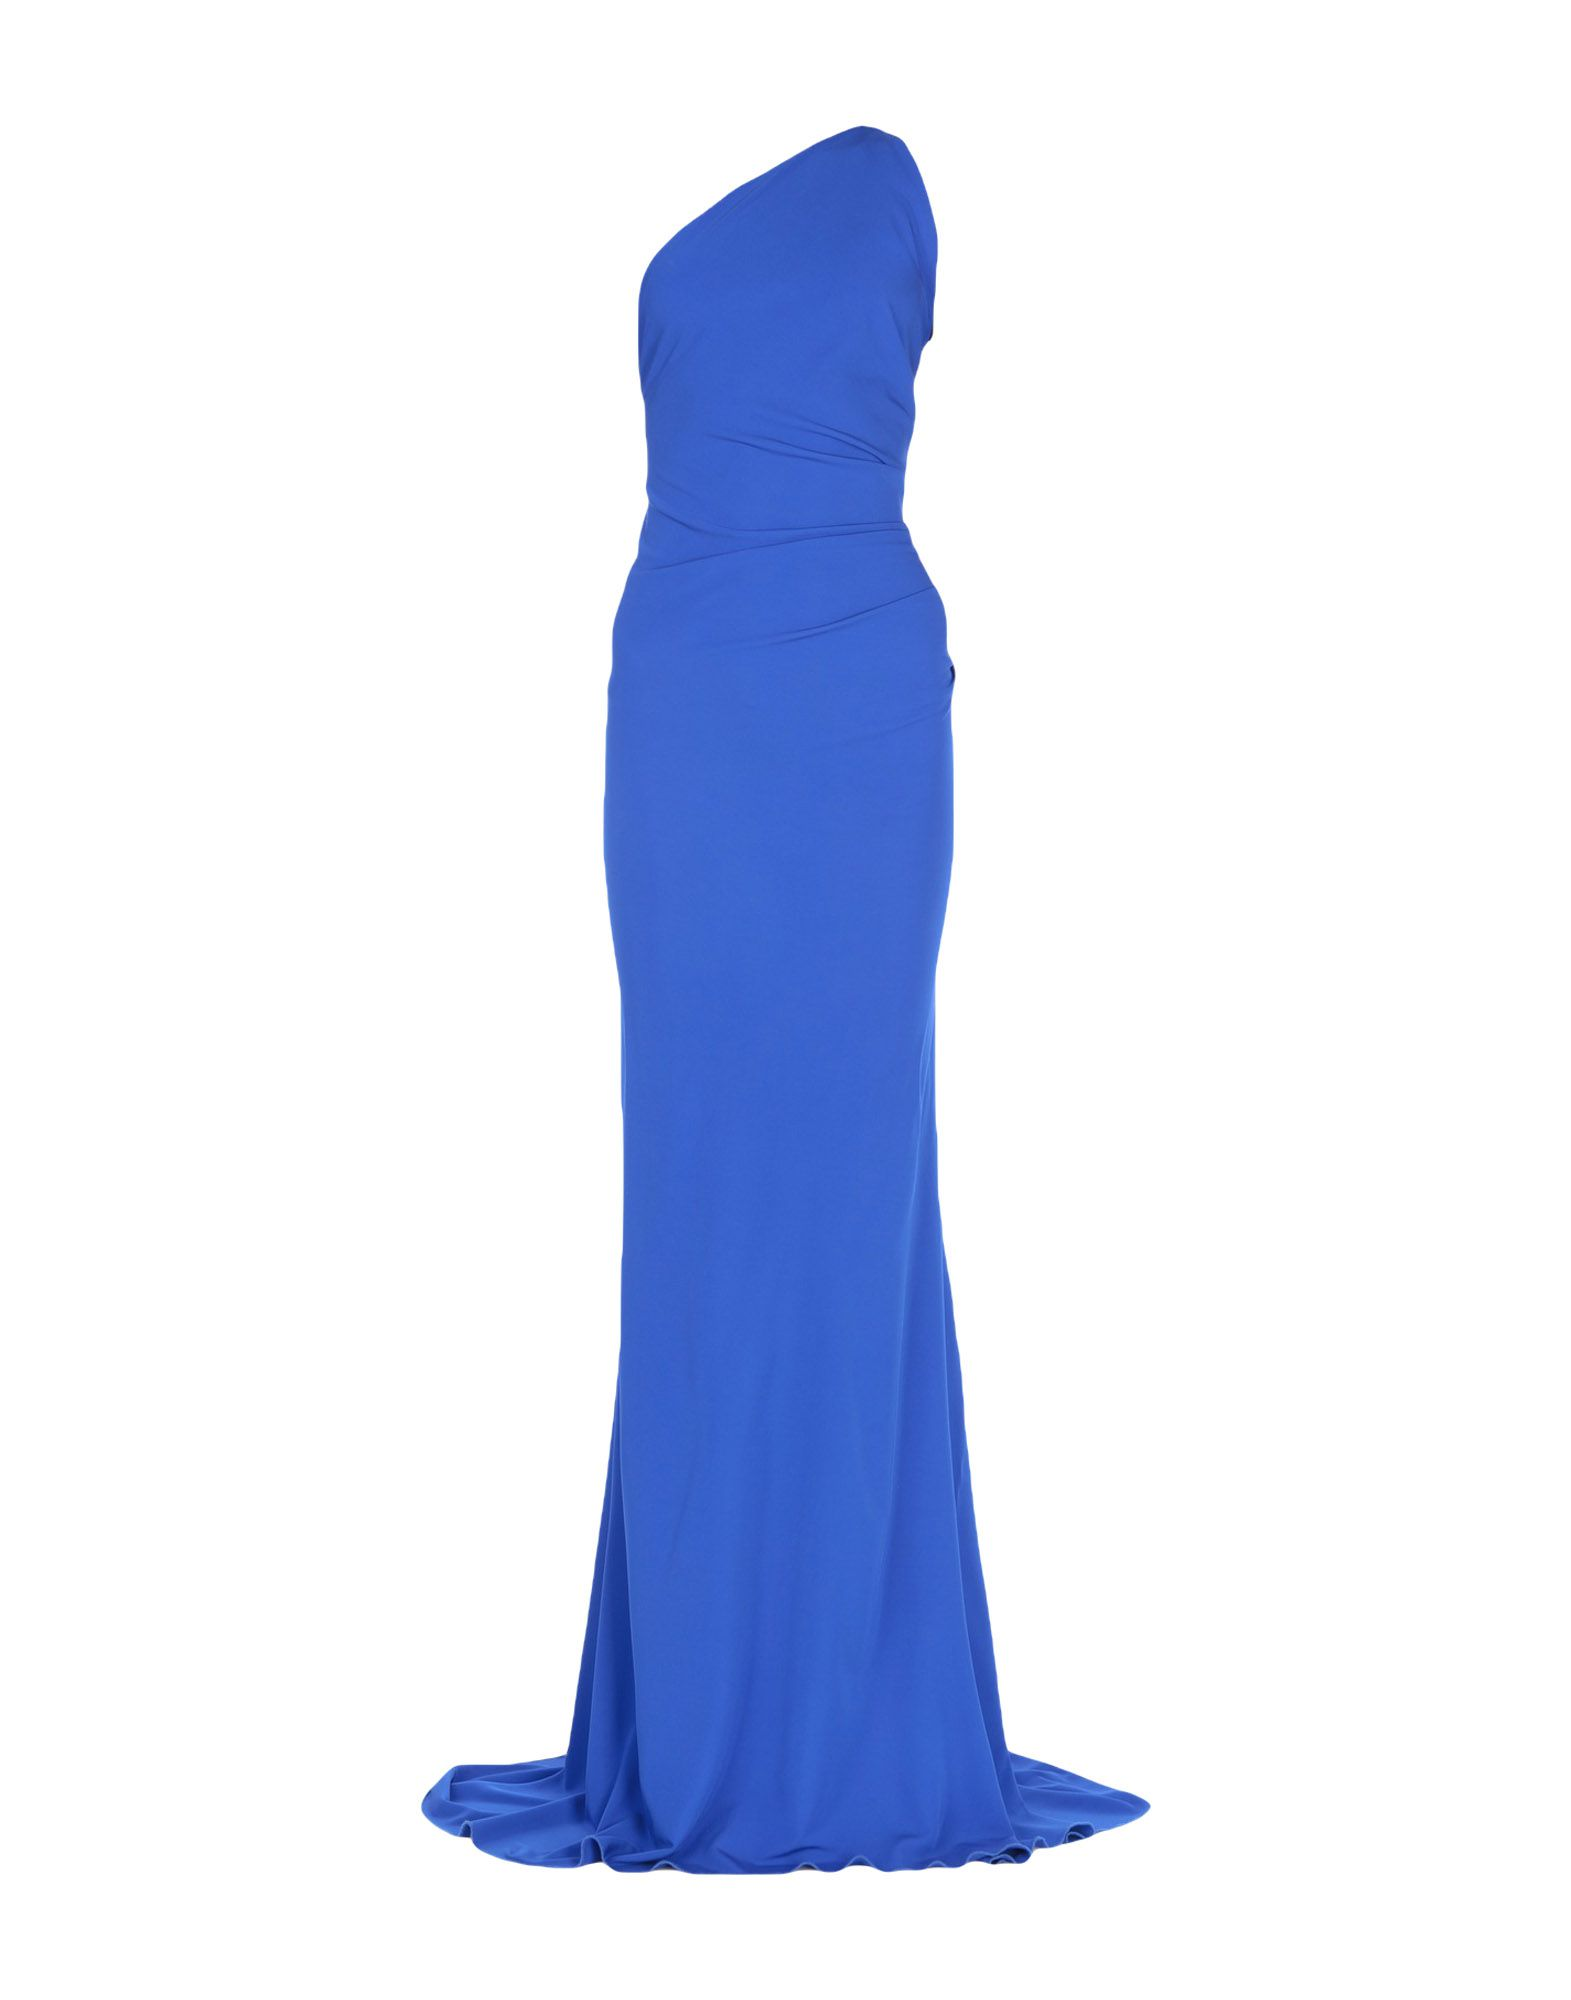 PLEIN SUD Длинное платье 923 зима полный дрель бархат вечернее платье длинное плечо банкет тост одежды тонкий тонкий хост